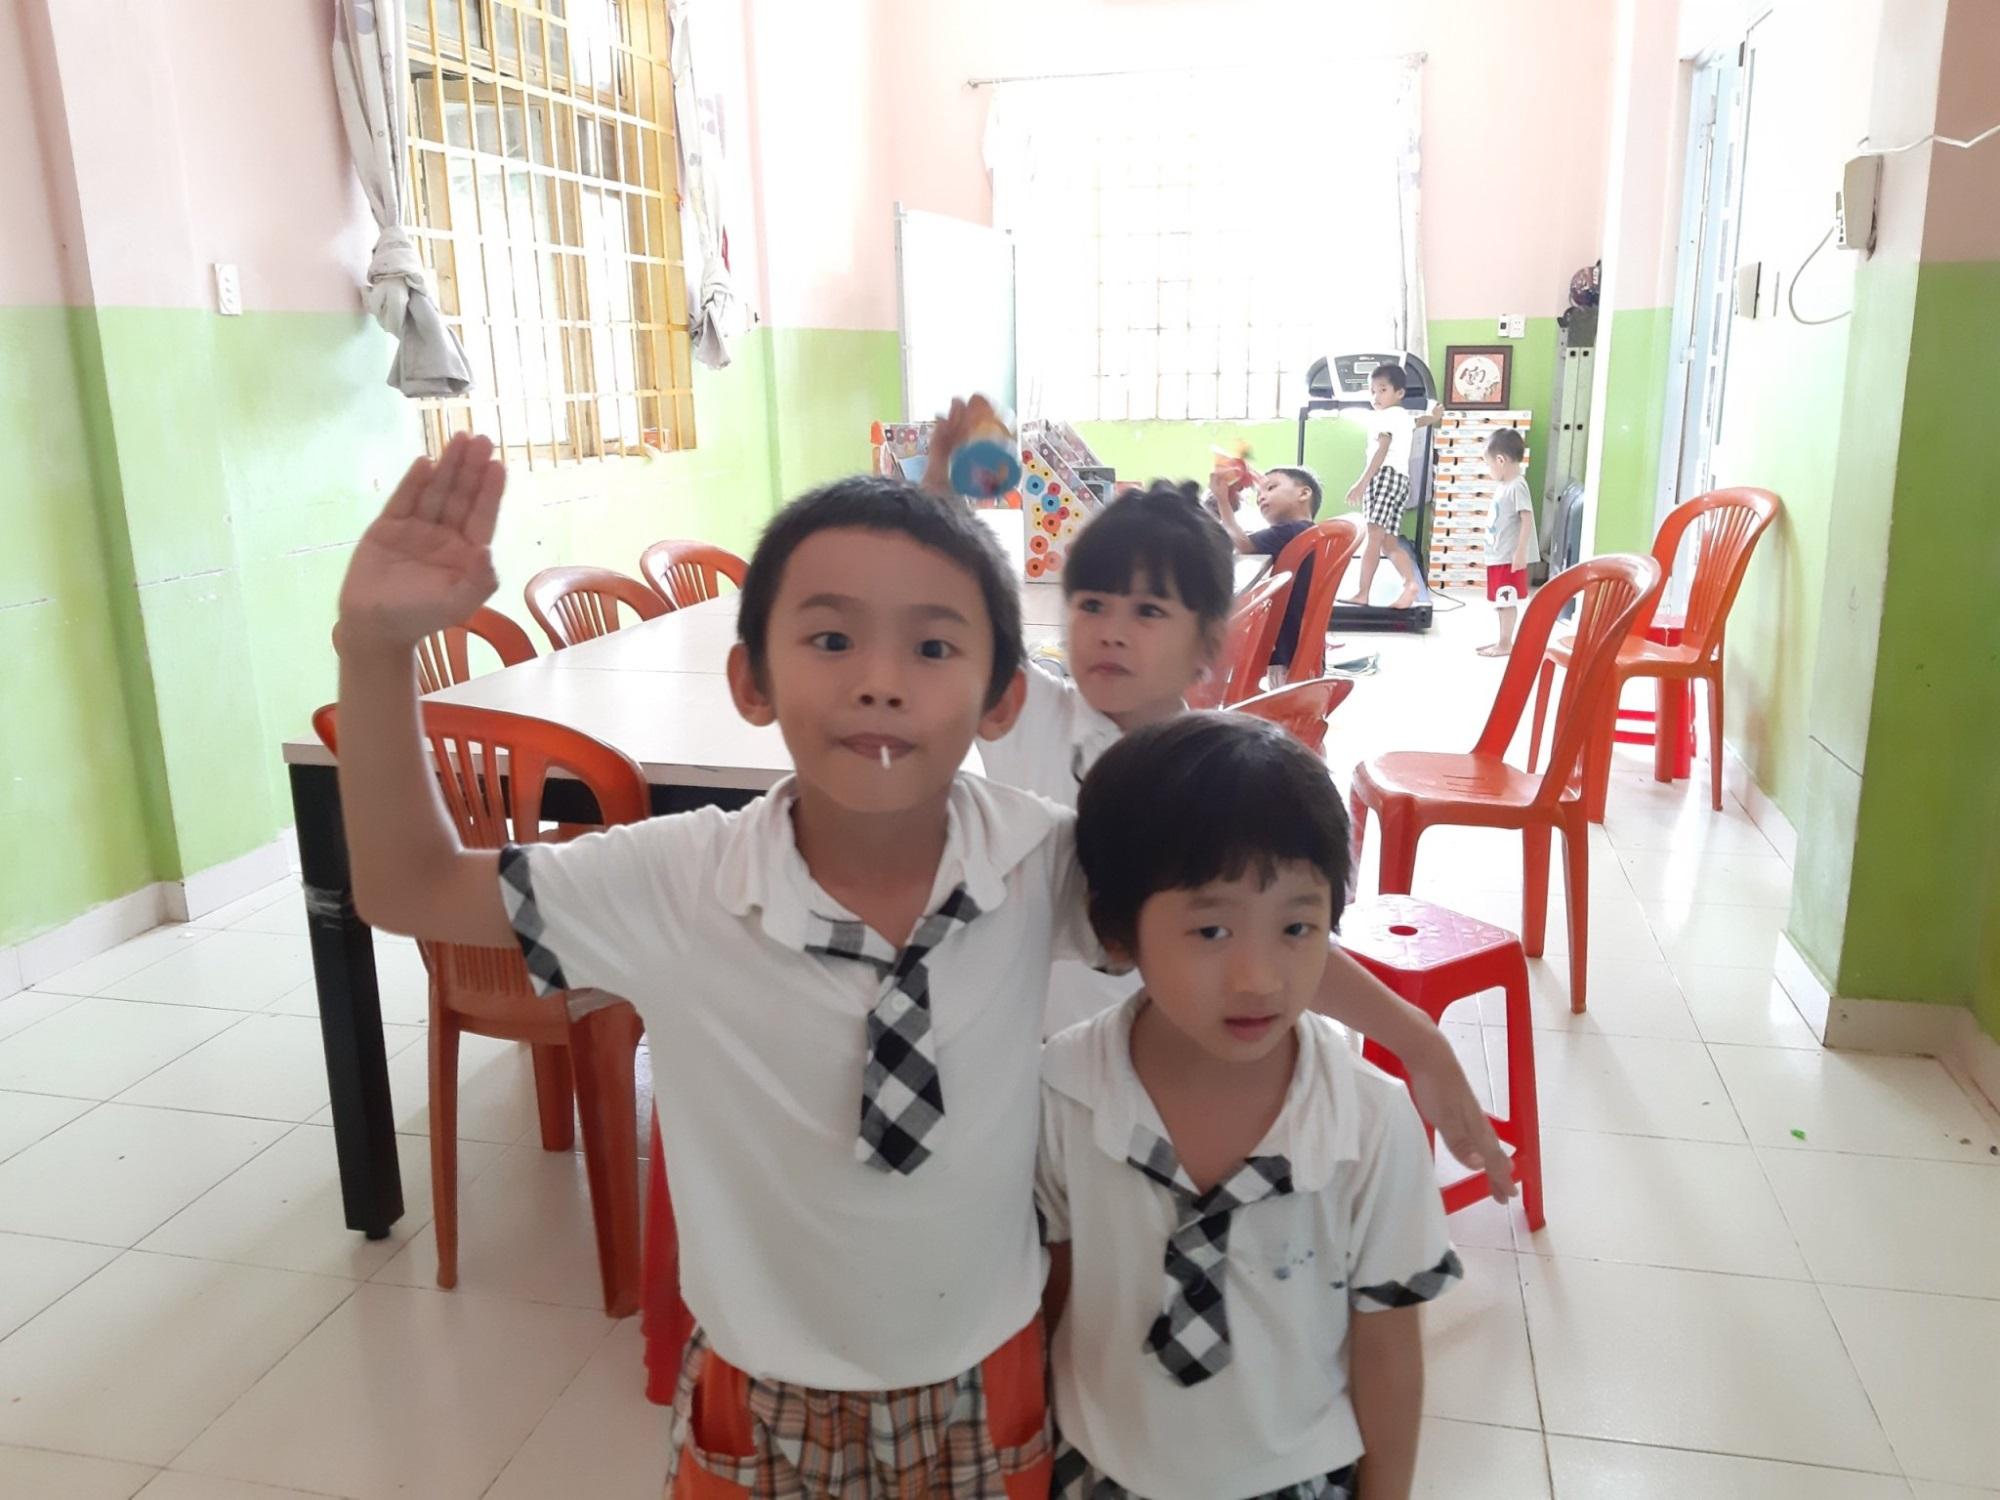 Chuỗi chương trình từ thiện 3 ngày của Hội đá ốp lát Sài Gòn kỷ niệm 10 năm thành lập - Ảnh 10